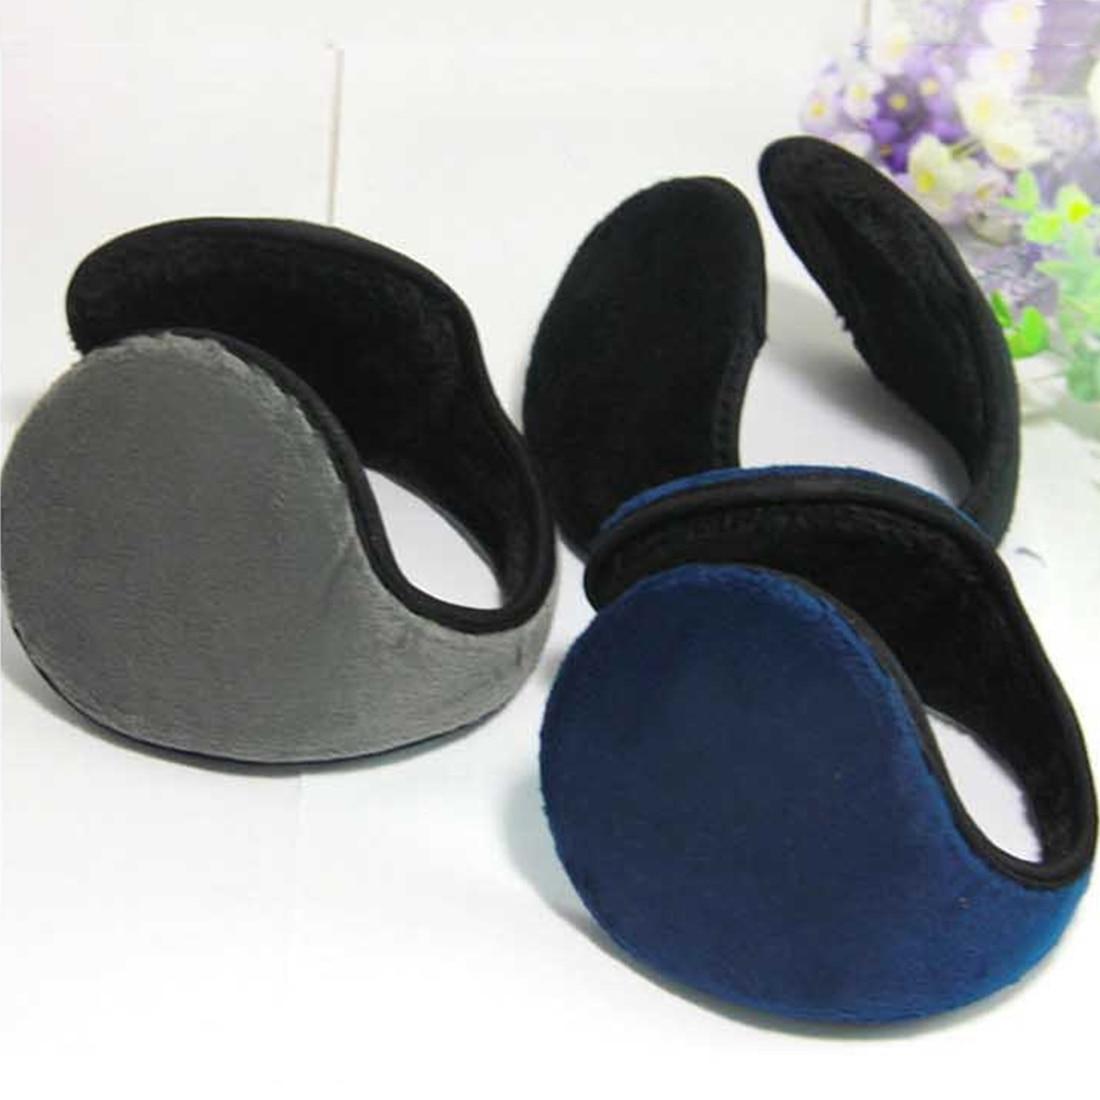 Hot Men Women Unisex Soft Comfortable Fleece Wrap Around Headwear Autumn Winter Ear Warmers Earmuffs